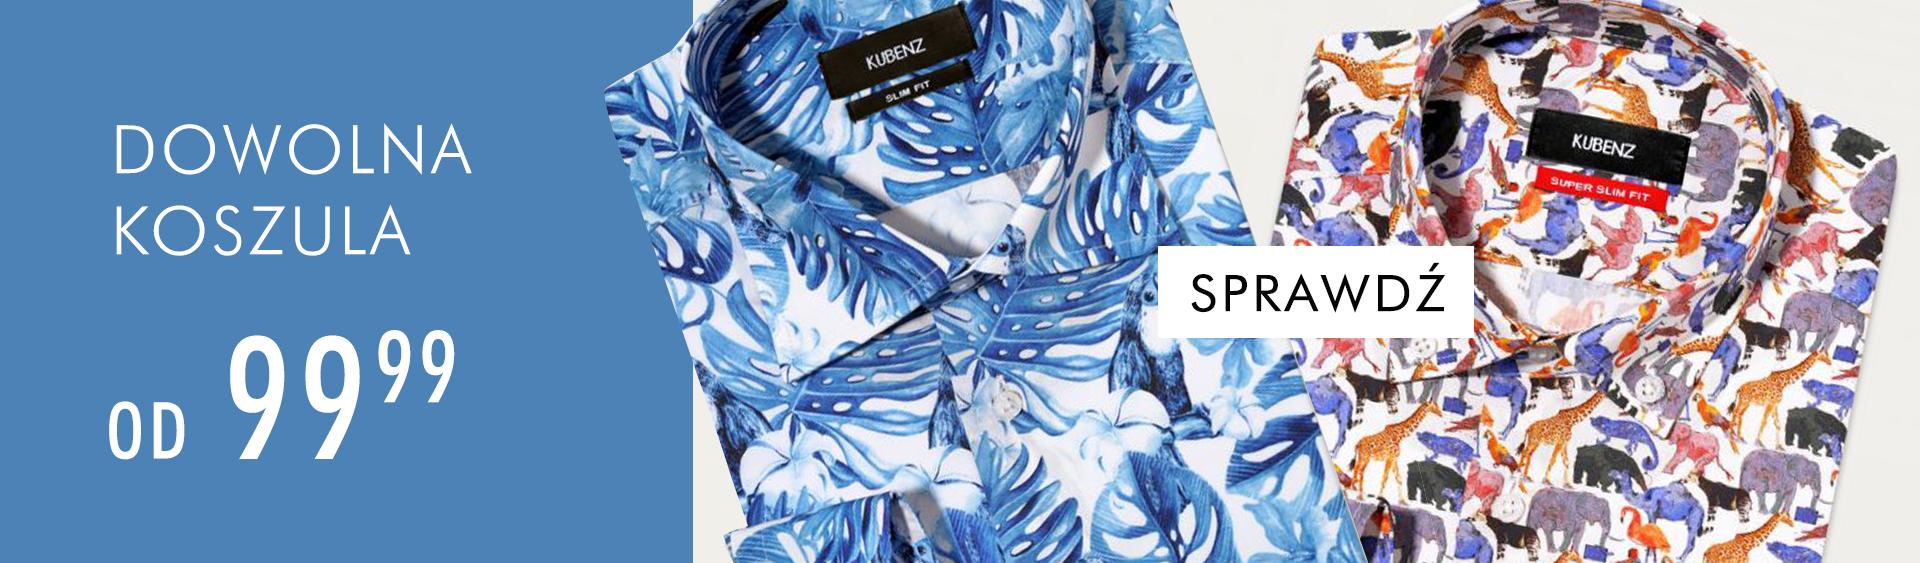 Kubenz: koszule męskie od 99,99 zł